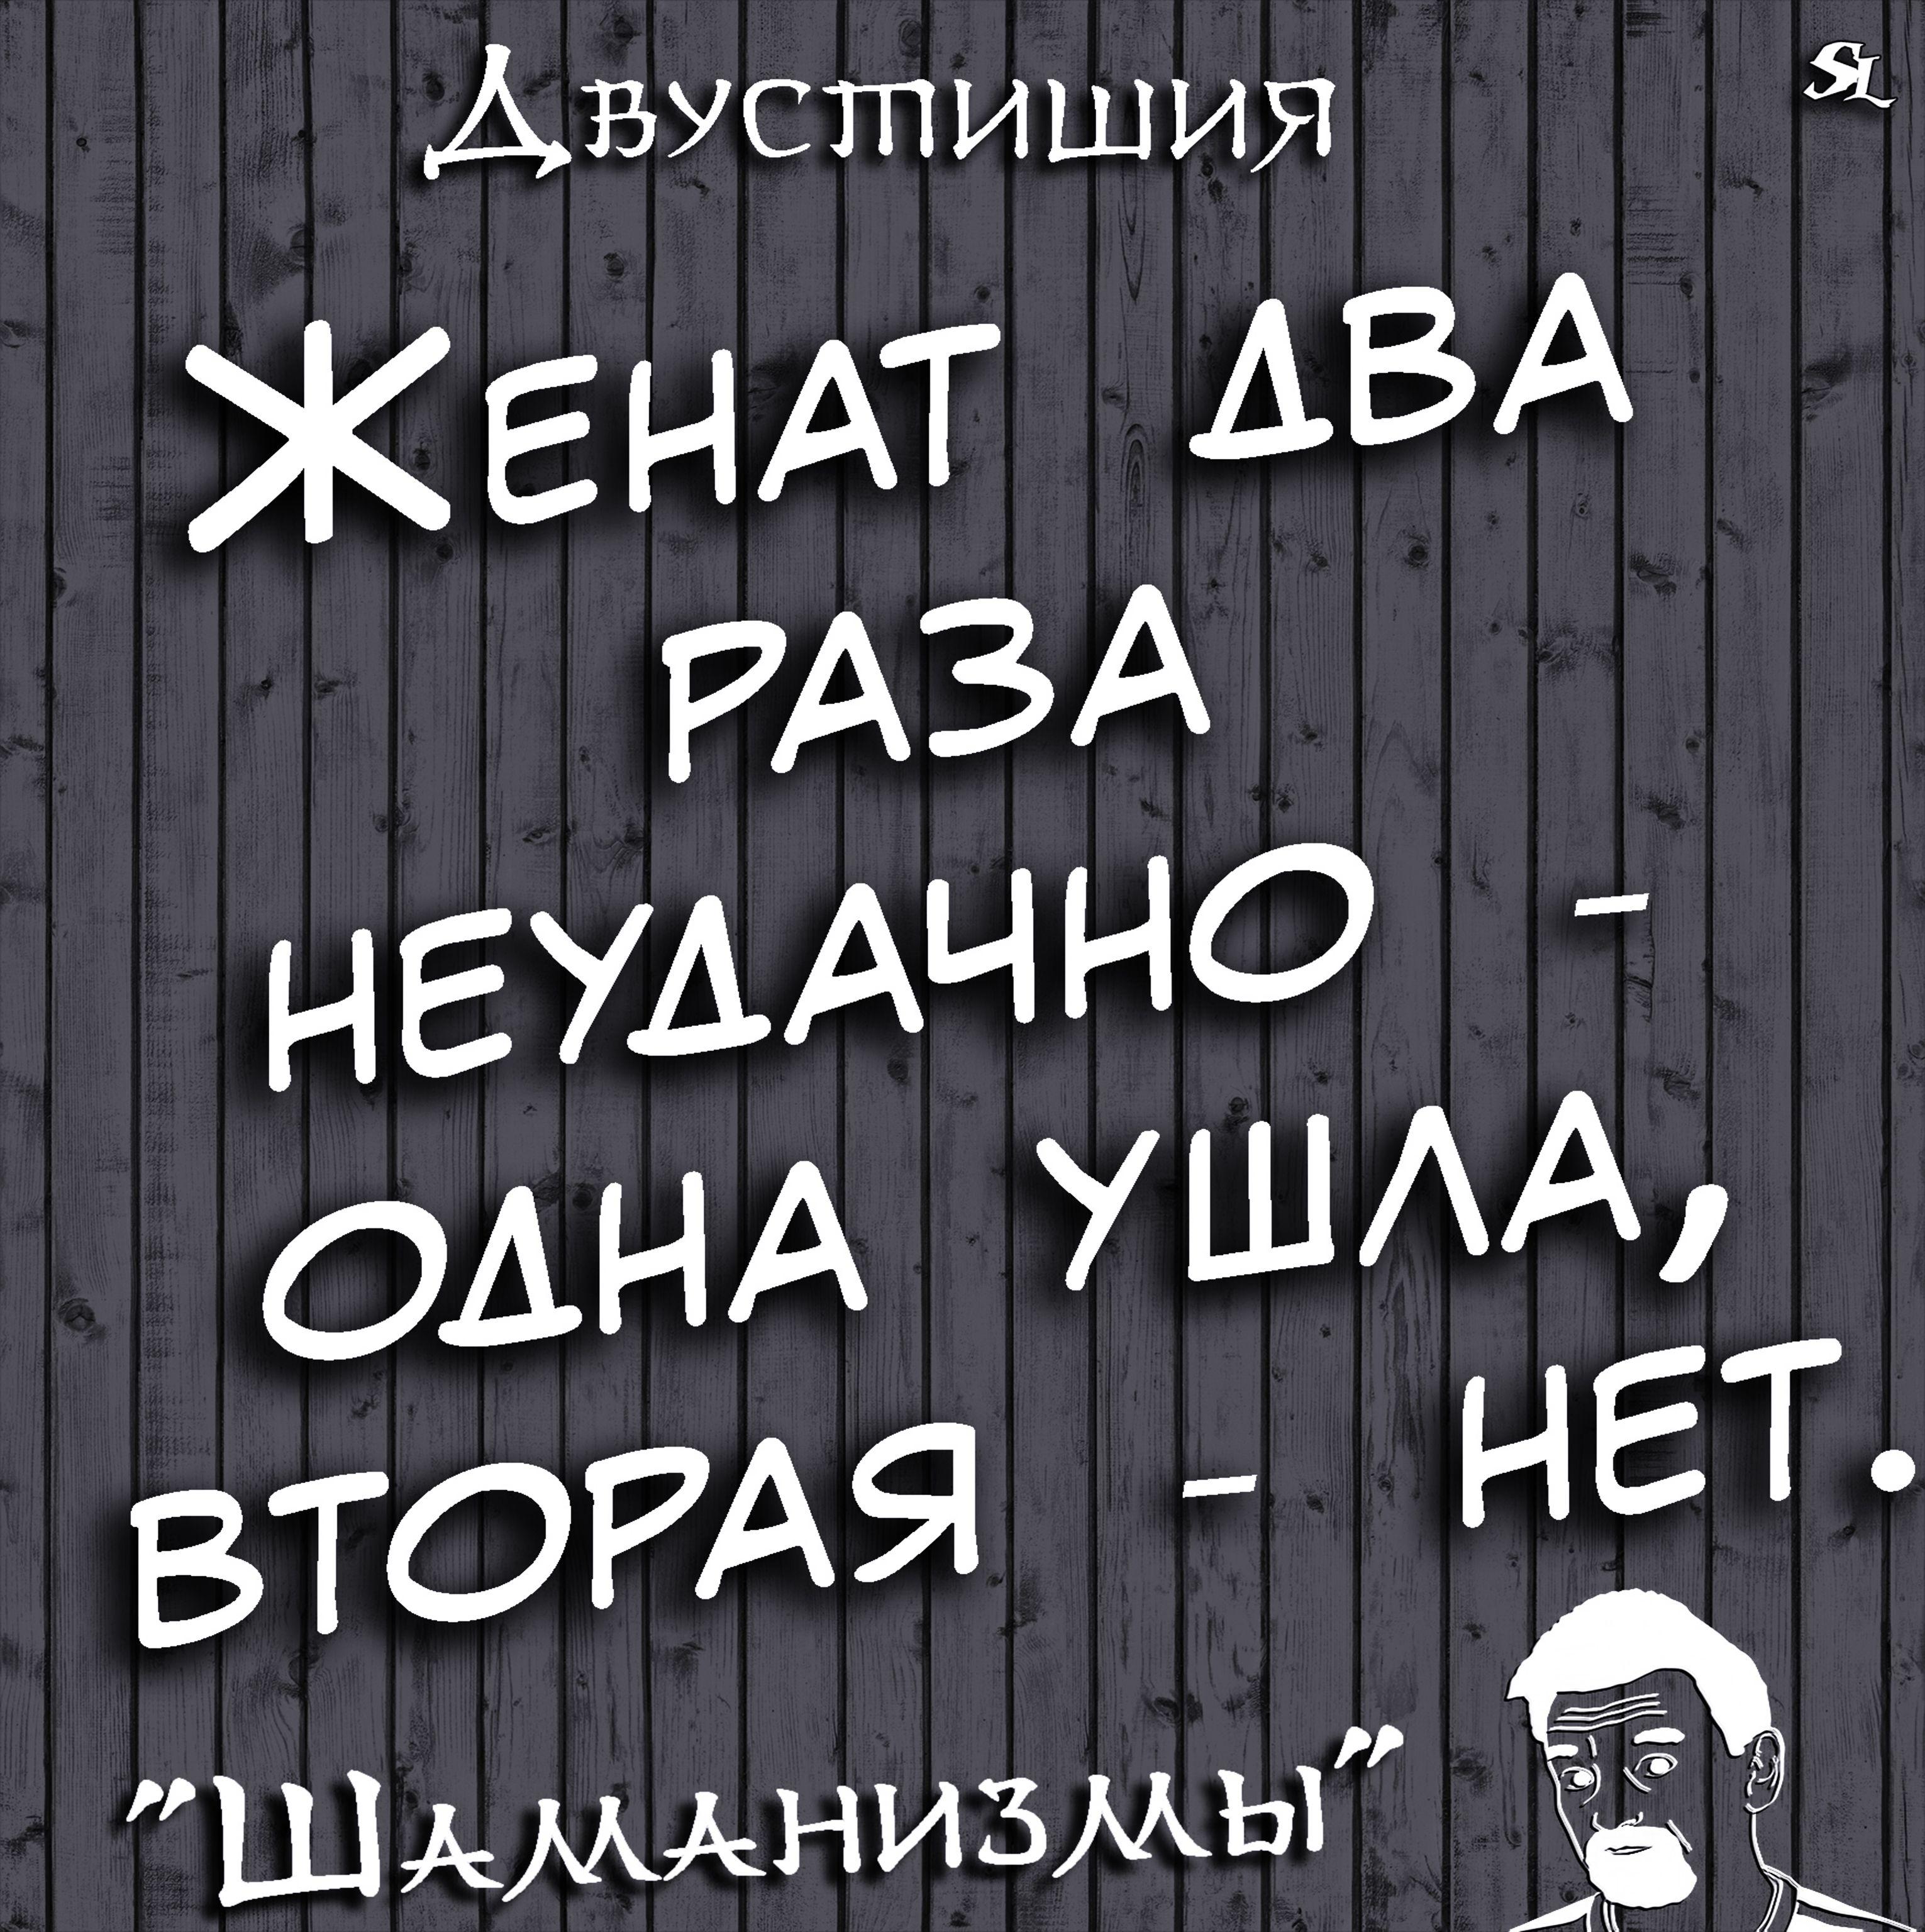 Dvostishie Shamanizmy Shutki Prikol Yumor Jokes Funny Humor Memes Shaman Ledentsov Sl Shaman In 2020